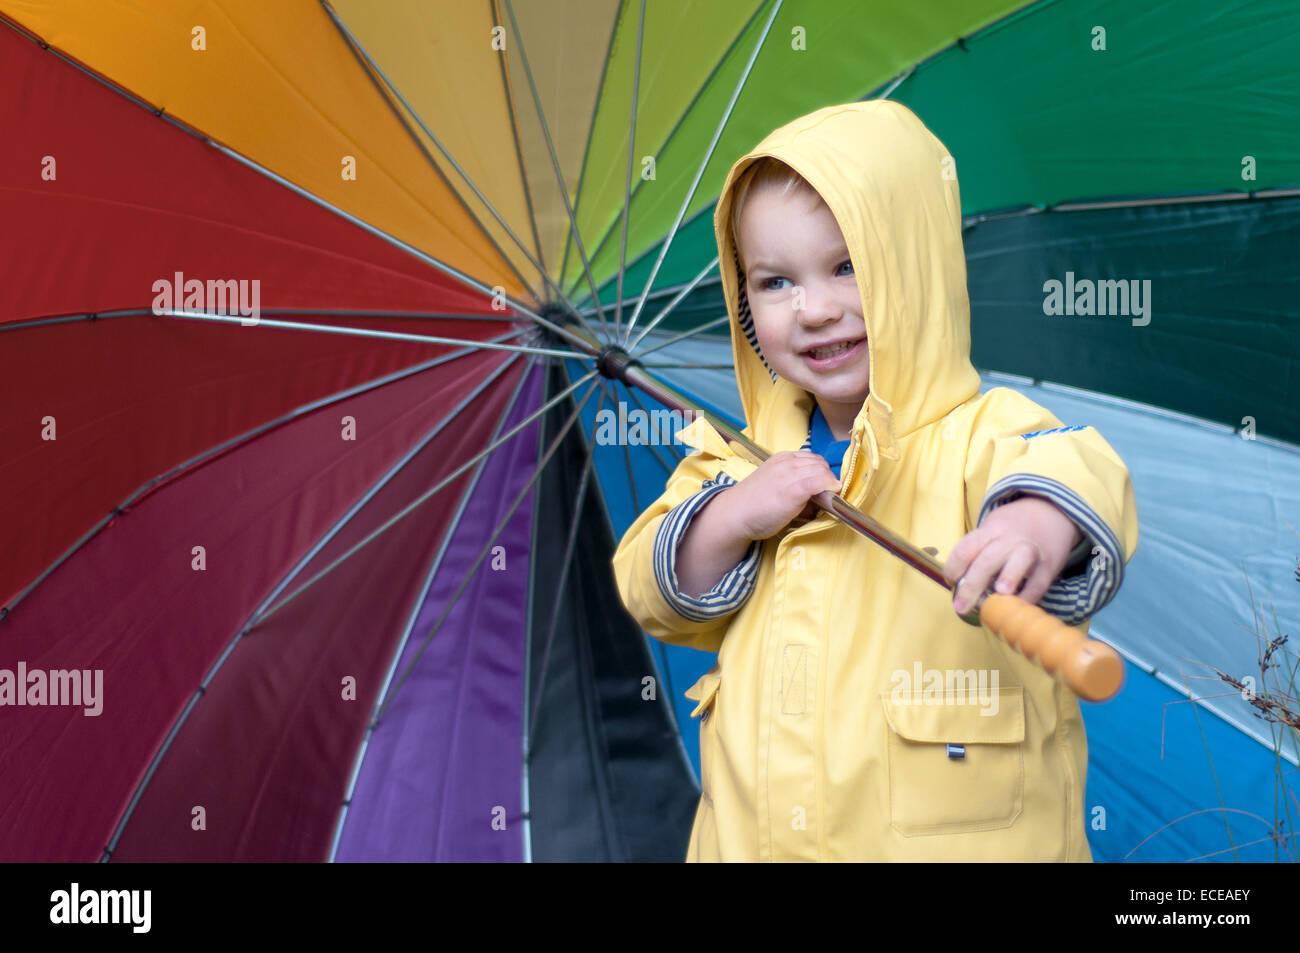 Junge in eine Regenjacke mit bunten Regenschirm Stockbild